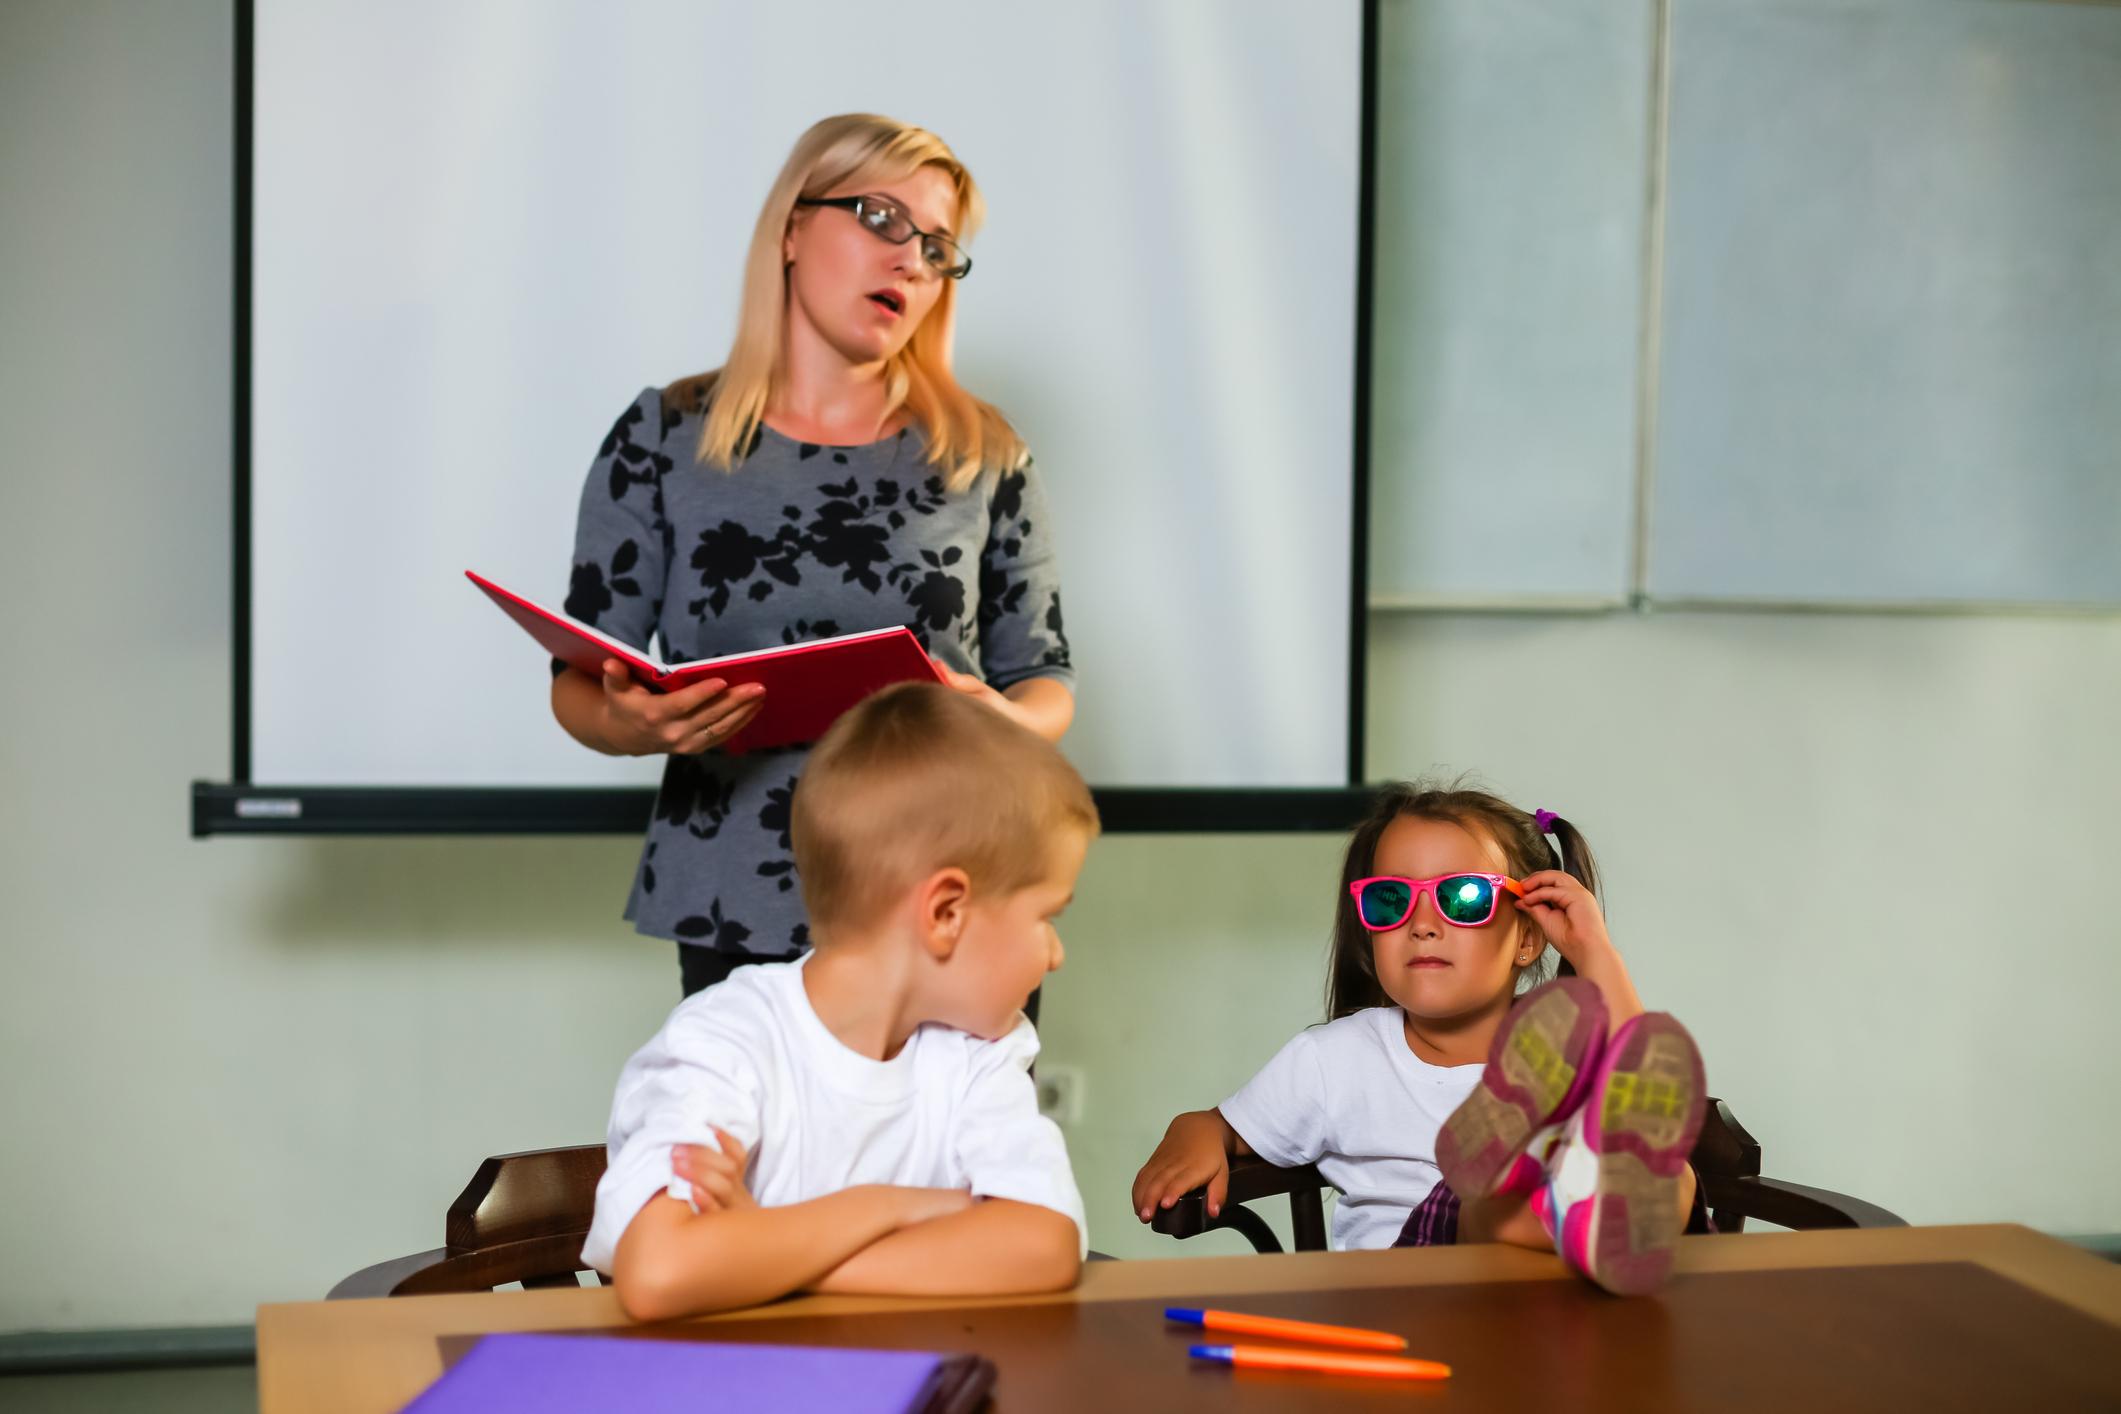 Der Staat will mehr Einfluß auf die Bildung – Baden-Württemberg ist gegen eine entsprechende Änderung im Grundgesetz